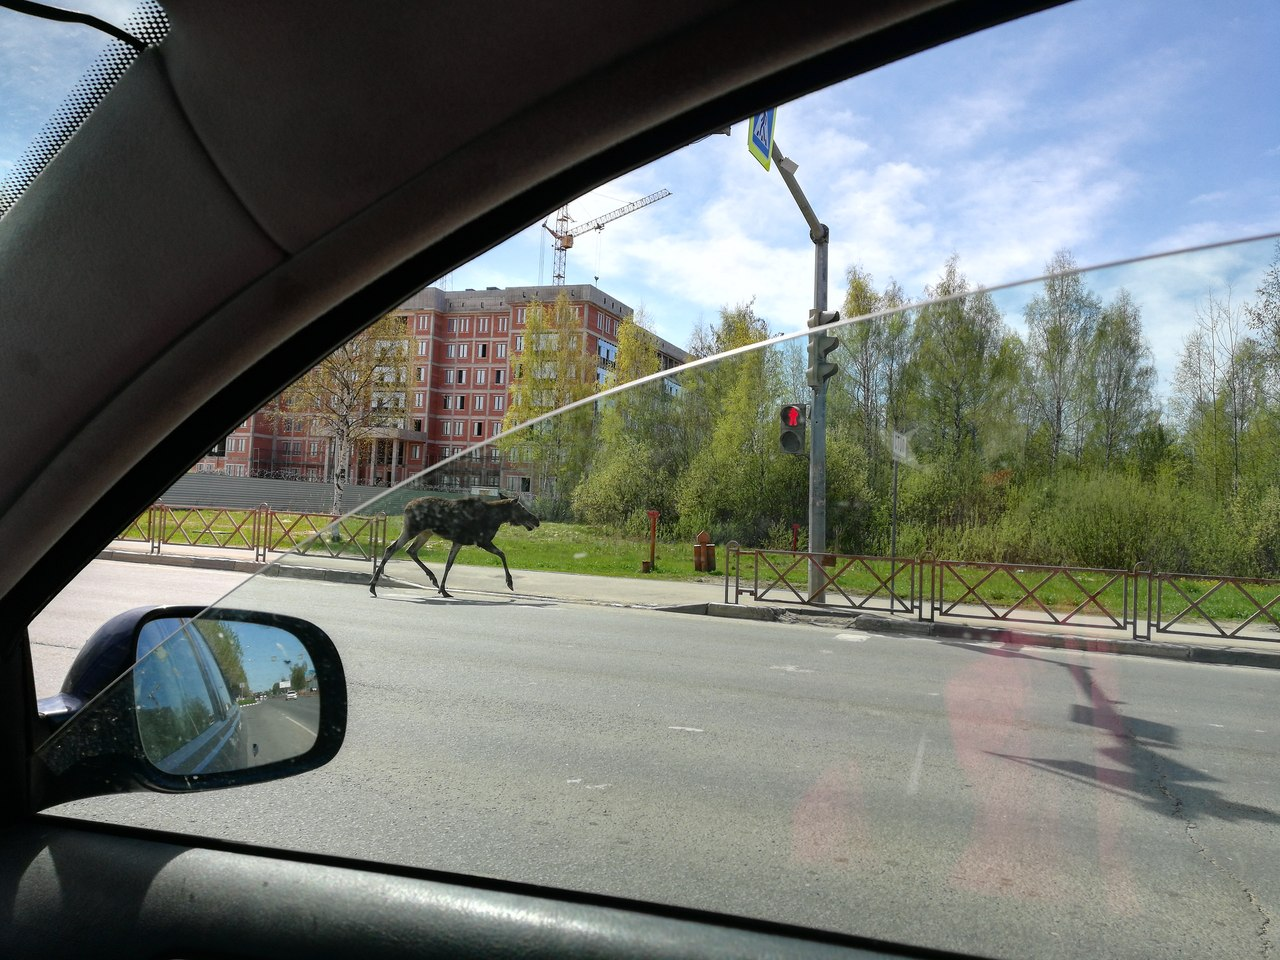 Лось-нарушитель перебежал дорогу на красный свет